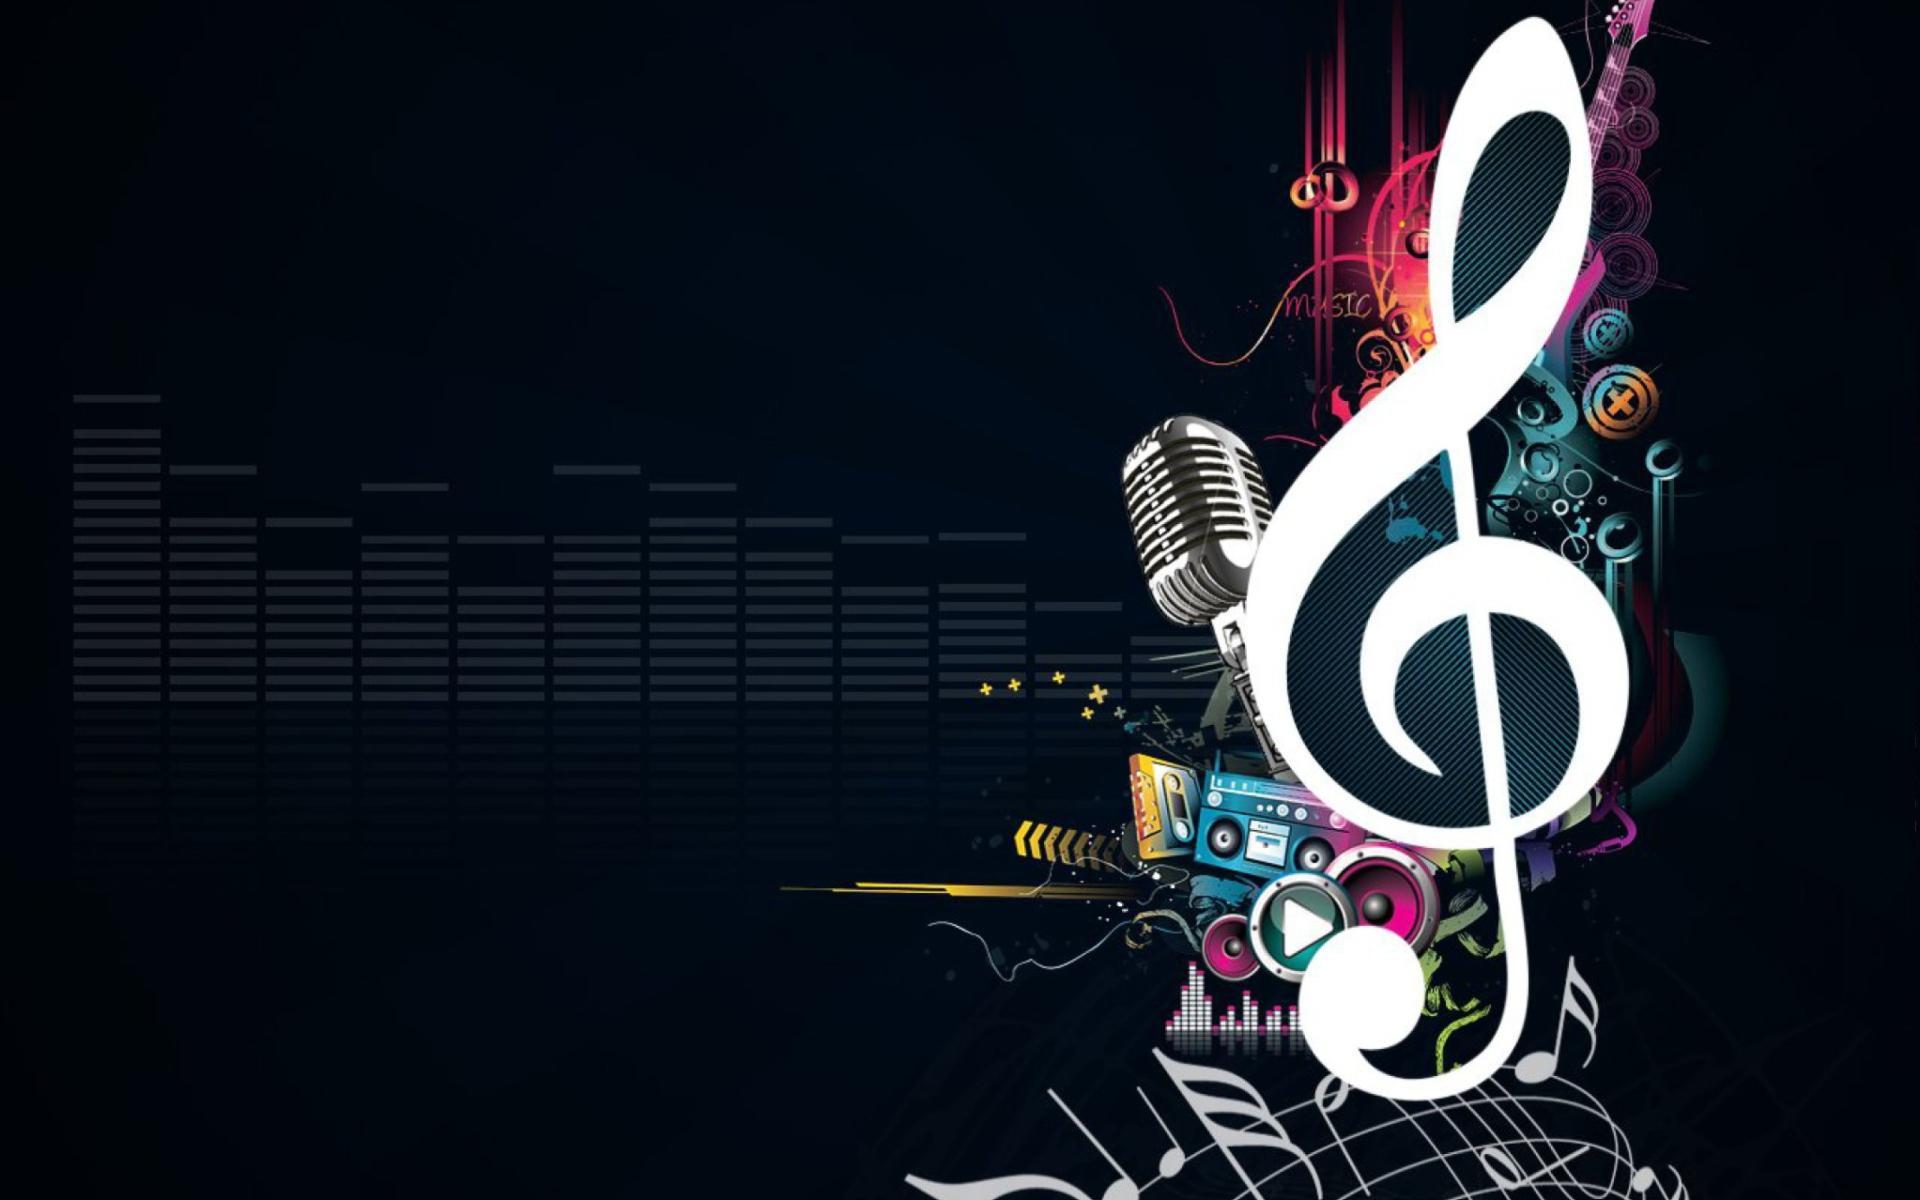 Creando música